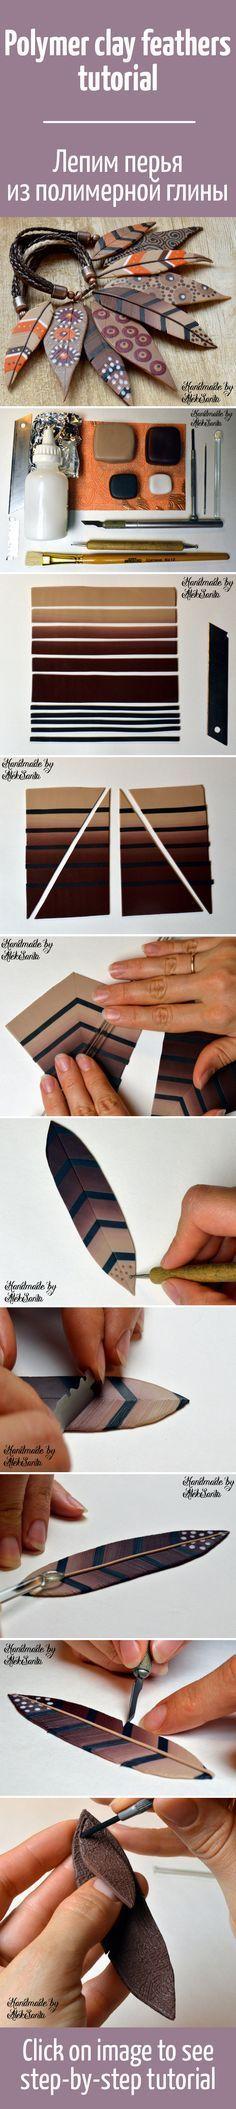 FREE TUTORIAL: Лепим декоративные перья из полимерной глины / Polymer clay feathers tutorial